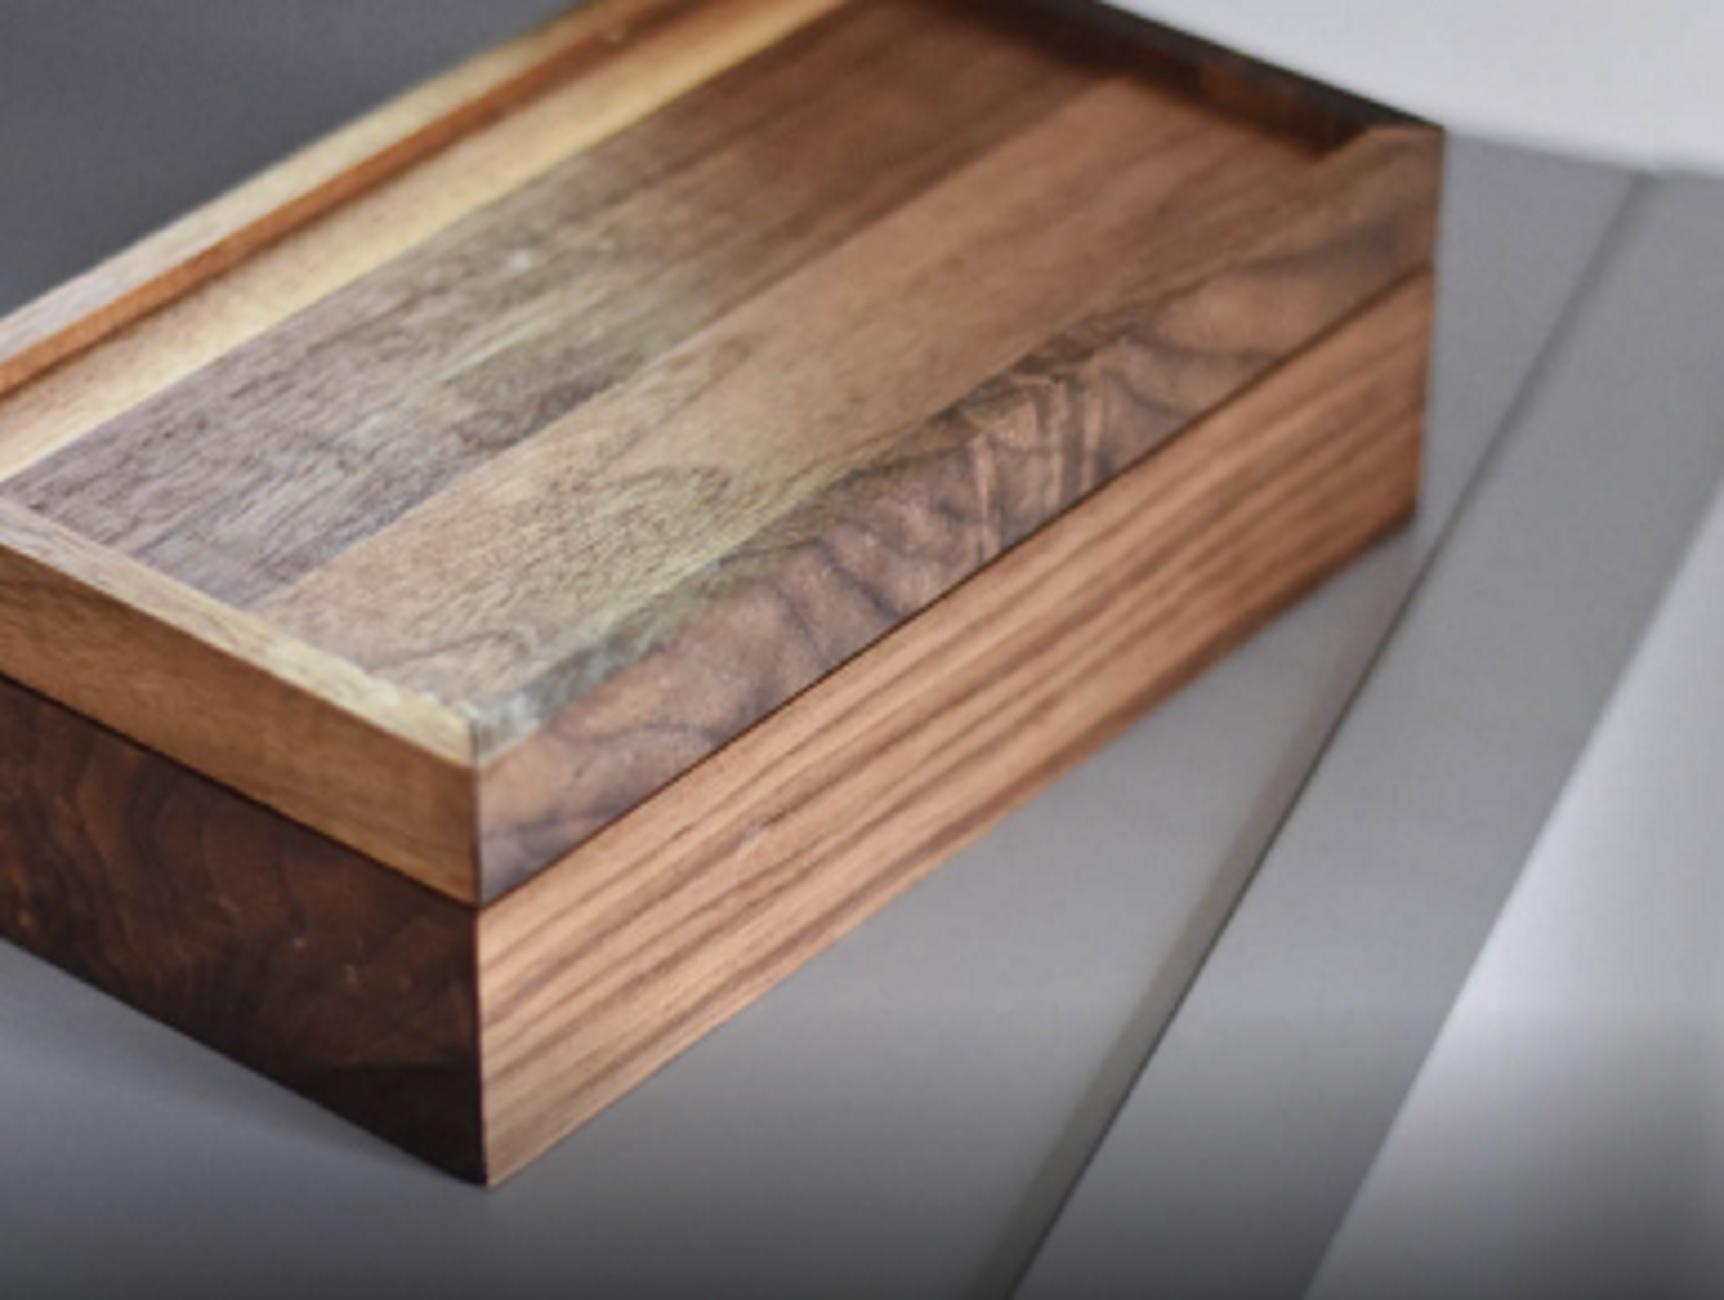 Μύκονος: Διαρρήκτες στο σπίτι του αείμνηστου Μηνά – Πάγωσαν όταν είδαν το ειδικό κουτί με την τέφρα του